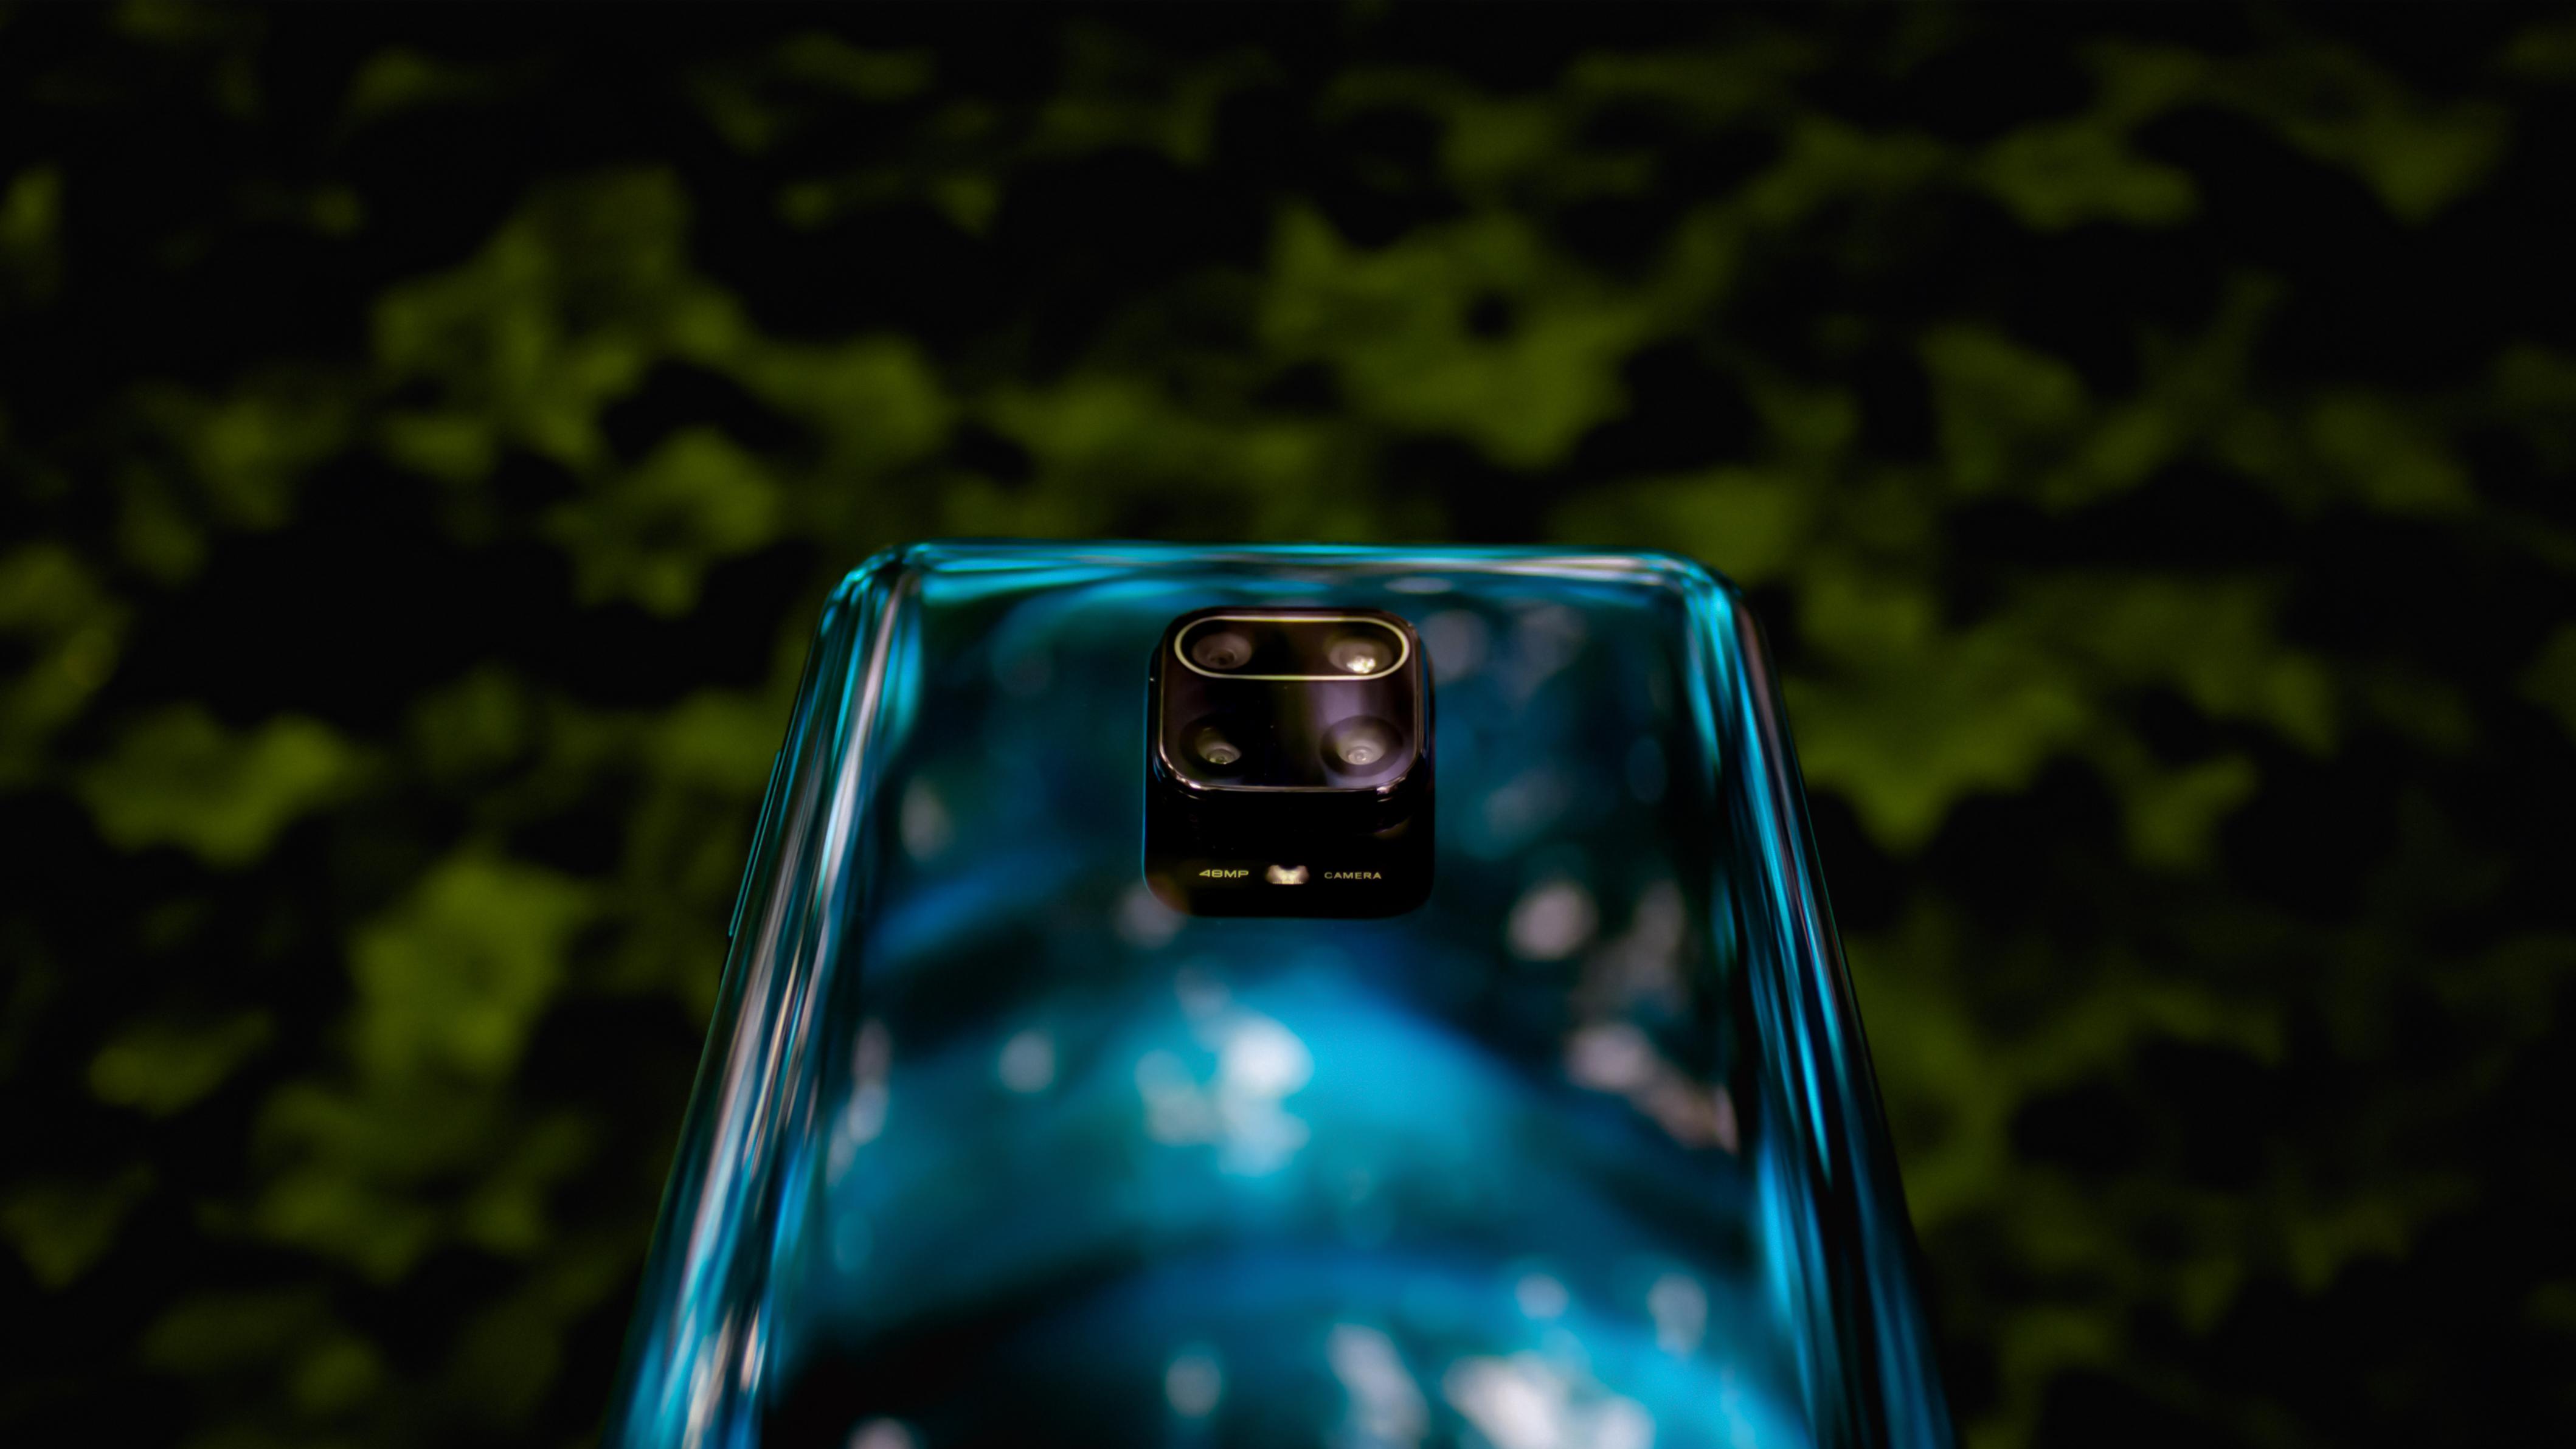 Recenzja Xiaomi Redmi Note 9s. Tanio i dobrze? 32